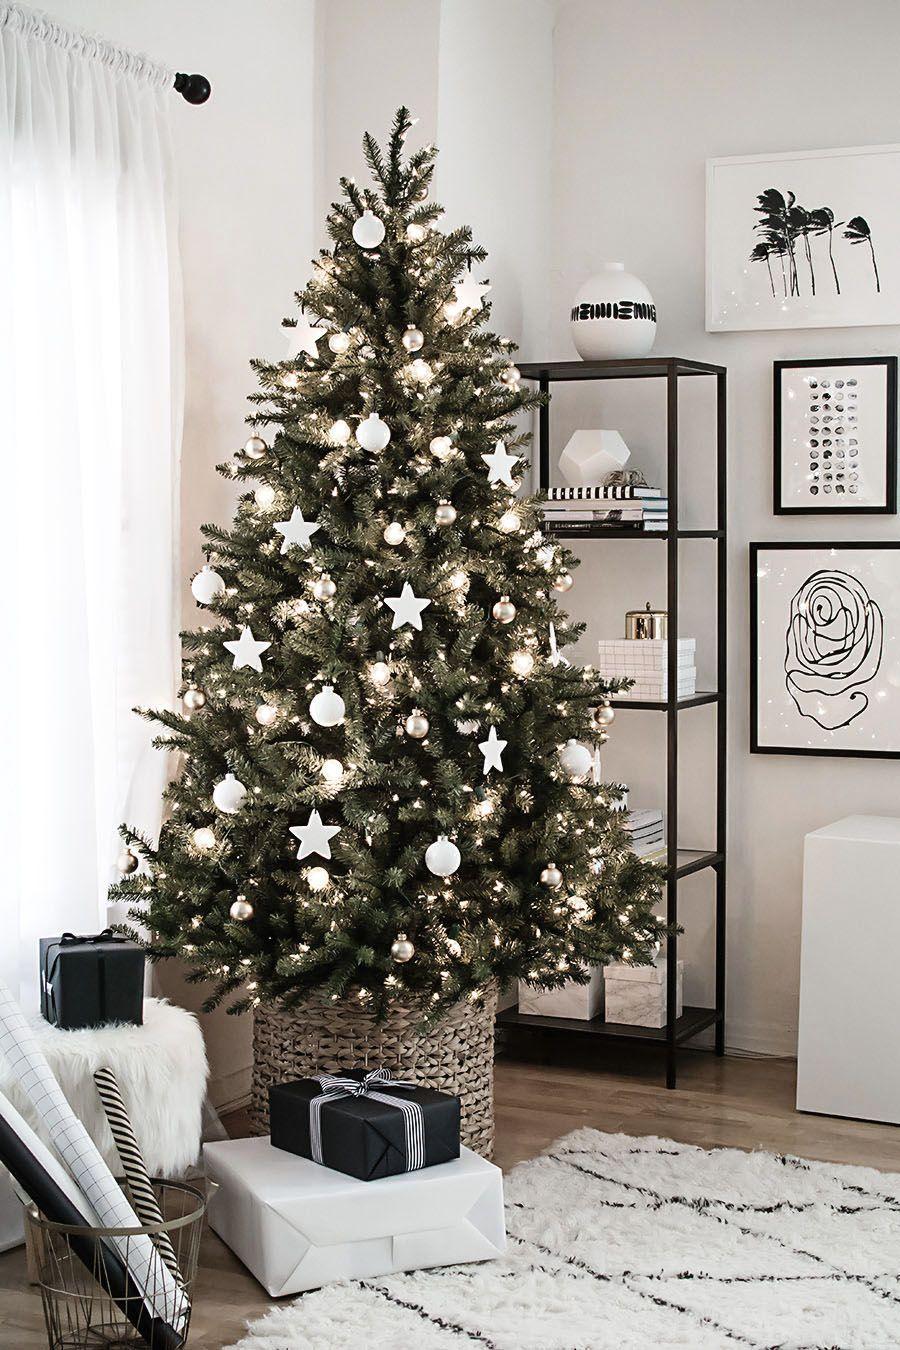 Diy Clay Star Ornaments Homey Oh My Arvores De Natal Decoradas Decoracao De Natal Decoracao De Arvore De Natal